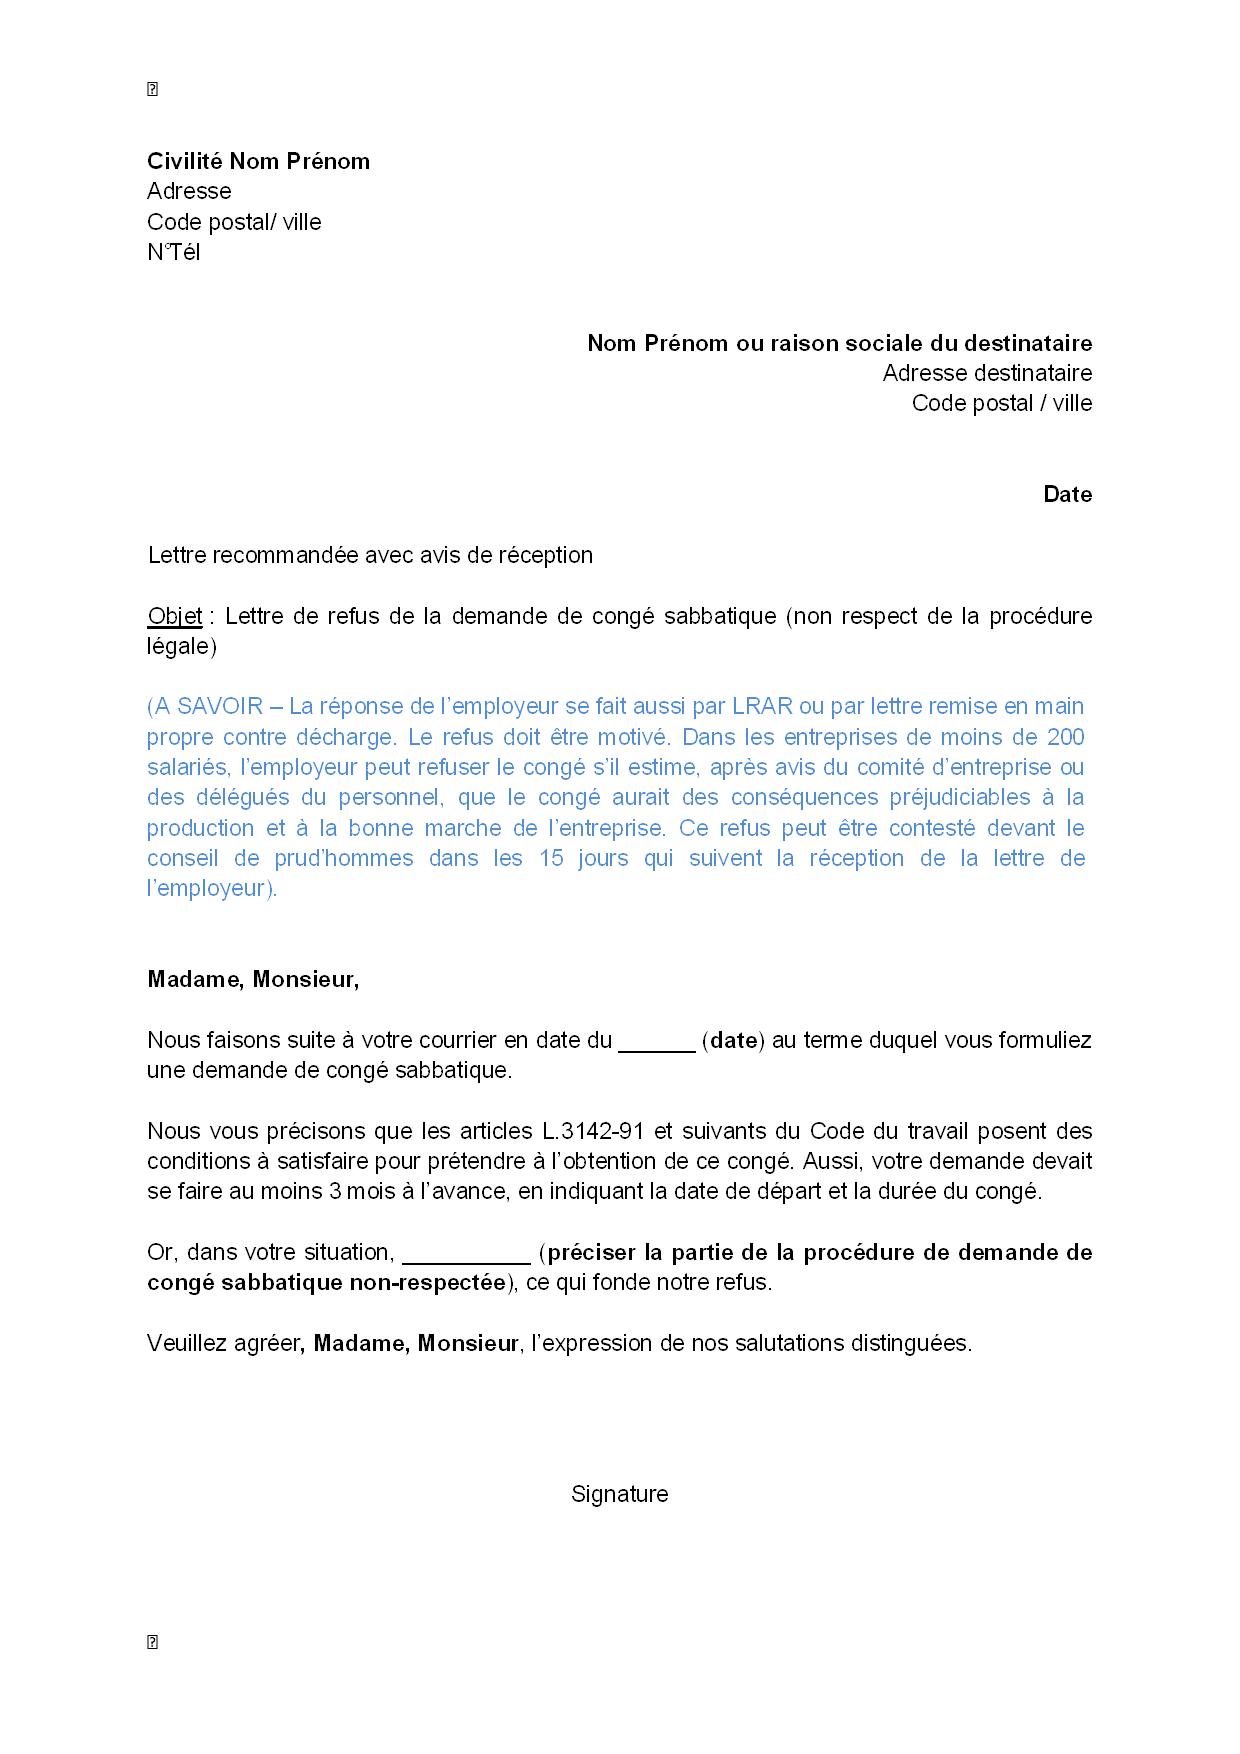 modele de lettre remise en main propre contre décharge Exemple gratuit de Lettre refus, par employeur, demande congé  modele de lettre remise en main propre contre décharge